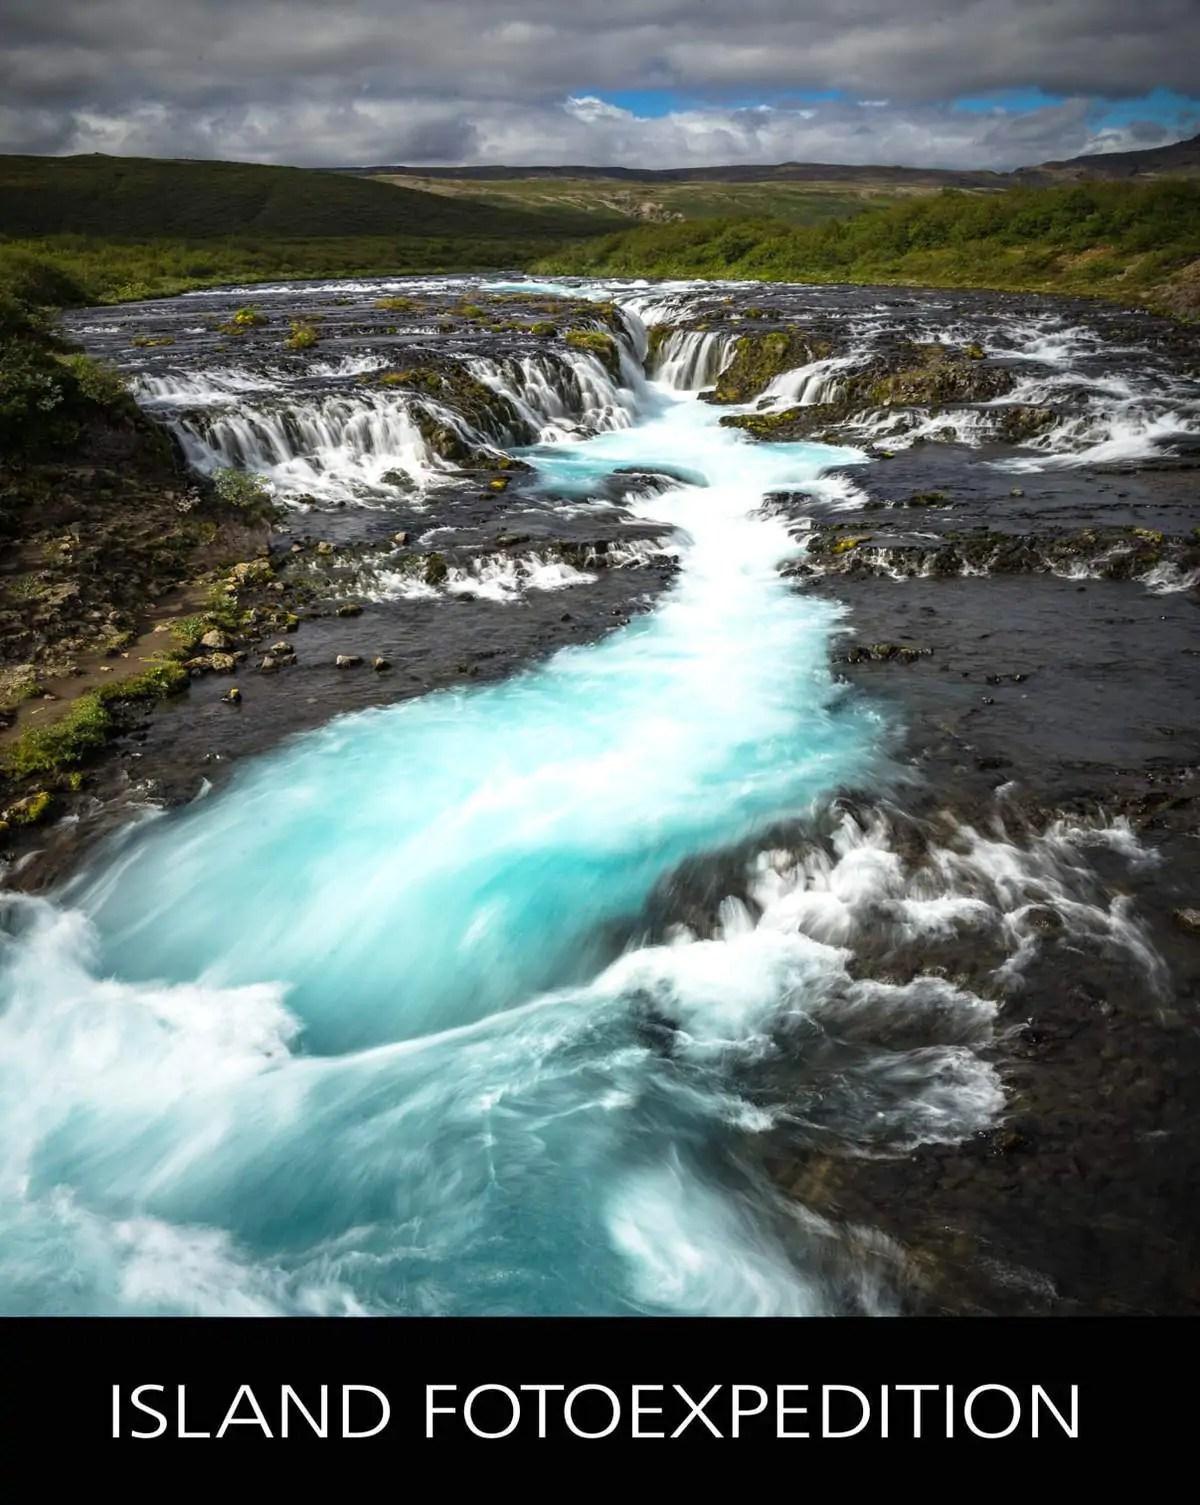 Atemberaubende Landschaften entstanden aus Feuer und Eis auf unserer Island Fotoreise! Zehn hartgesottene Fotografen, zwei Urbexplorer Jeeps , acht Tage Island Fotoreise auf der Jagd nach Trollen und spannenden Fotomotiven.